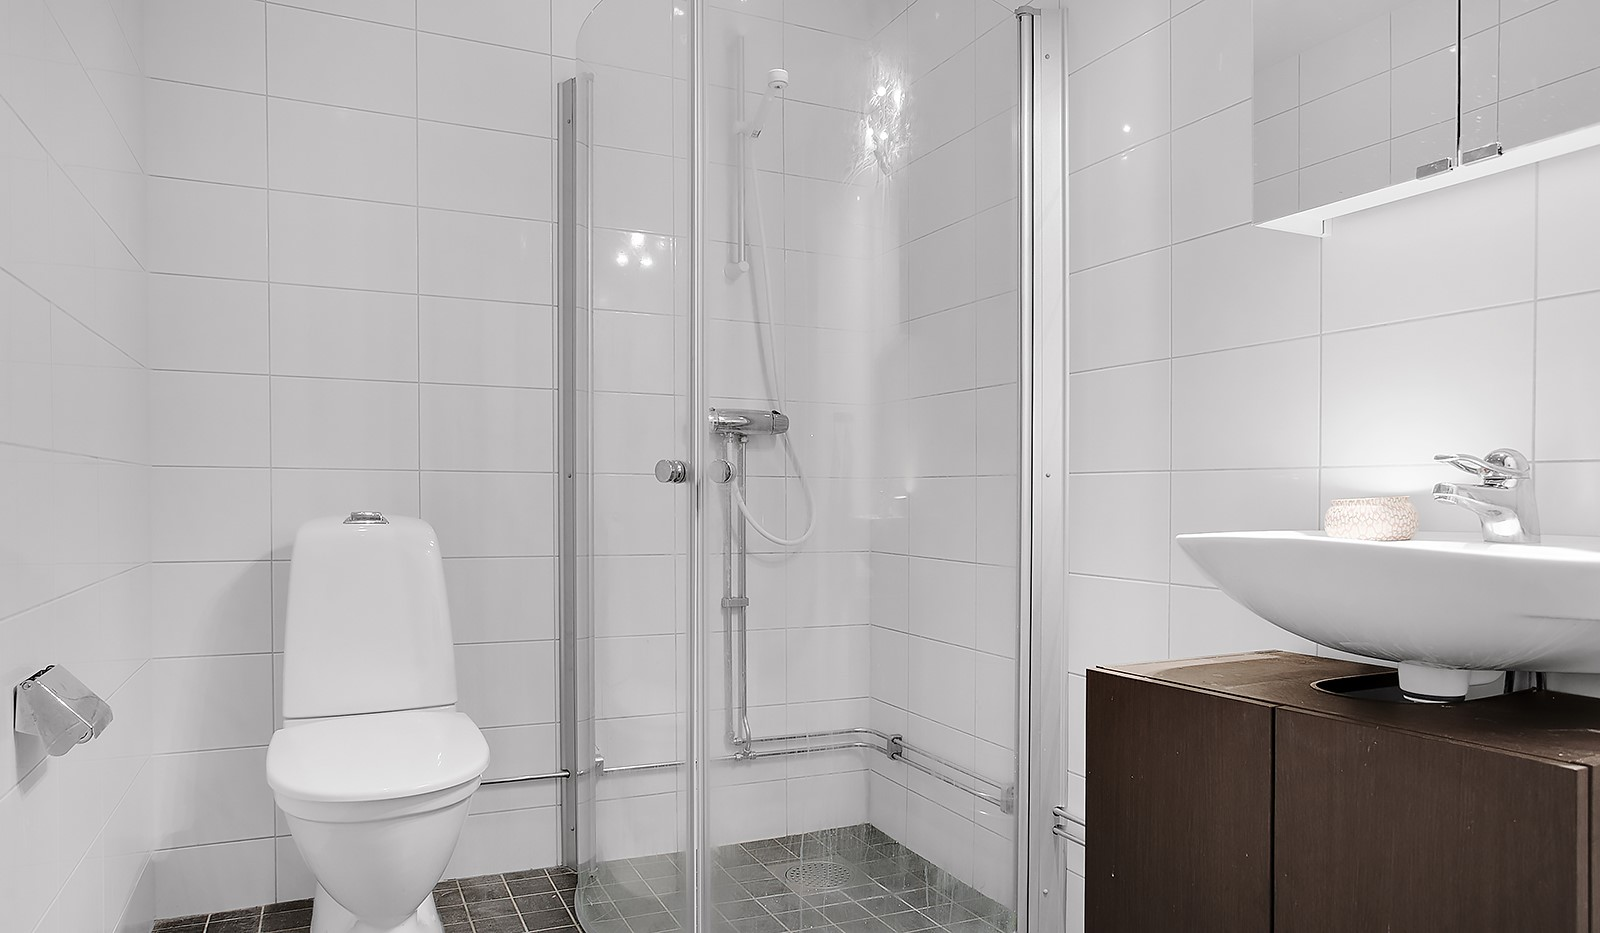 Ursviksvägen 16, 1tr FAST PRIS - Helkaklat badrum med golvvärme